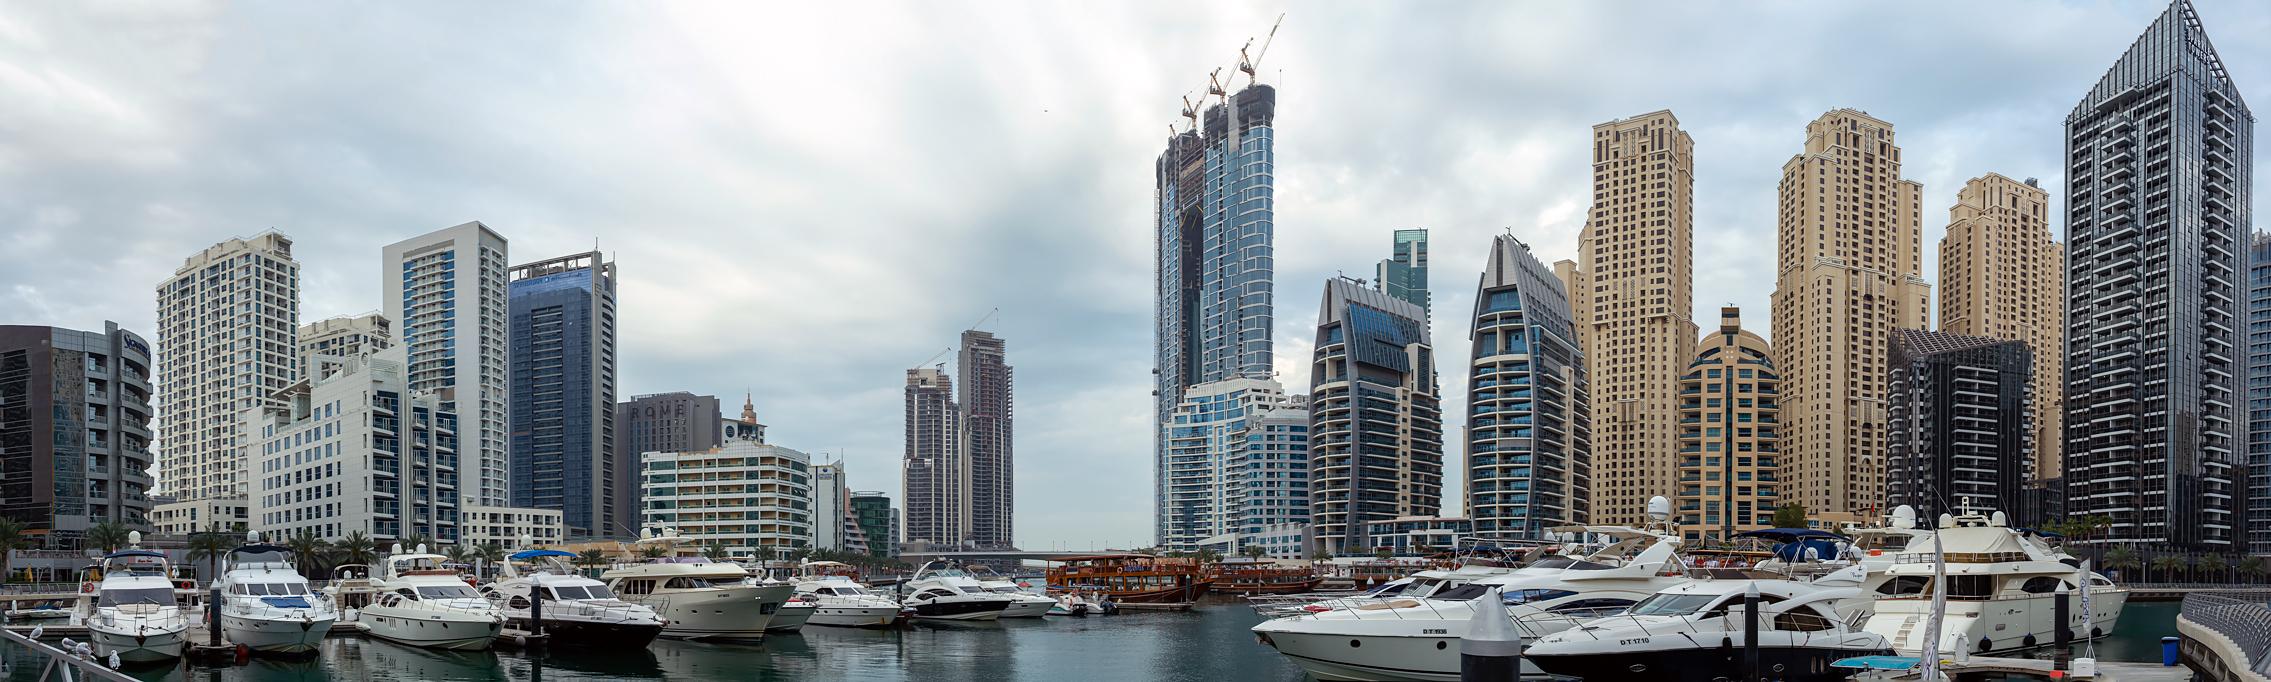 Утро на причале катеров Marina Dubai на фоне небоскребов